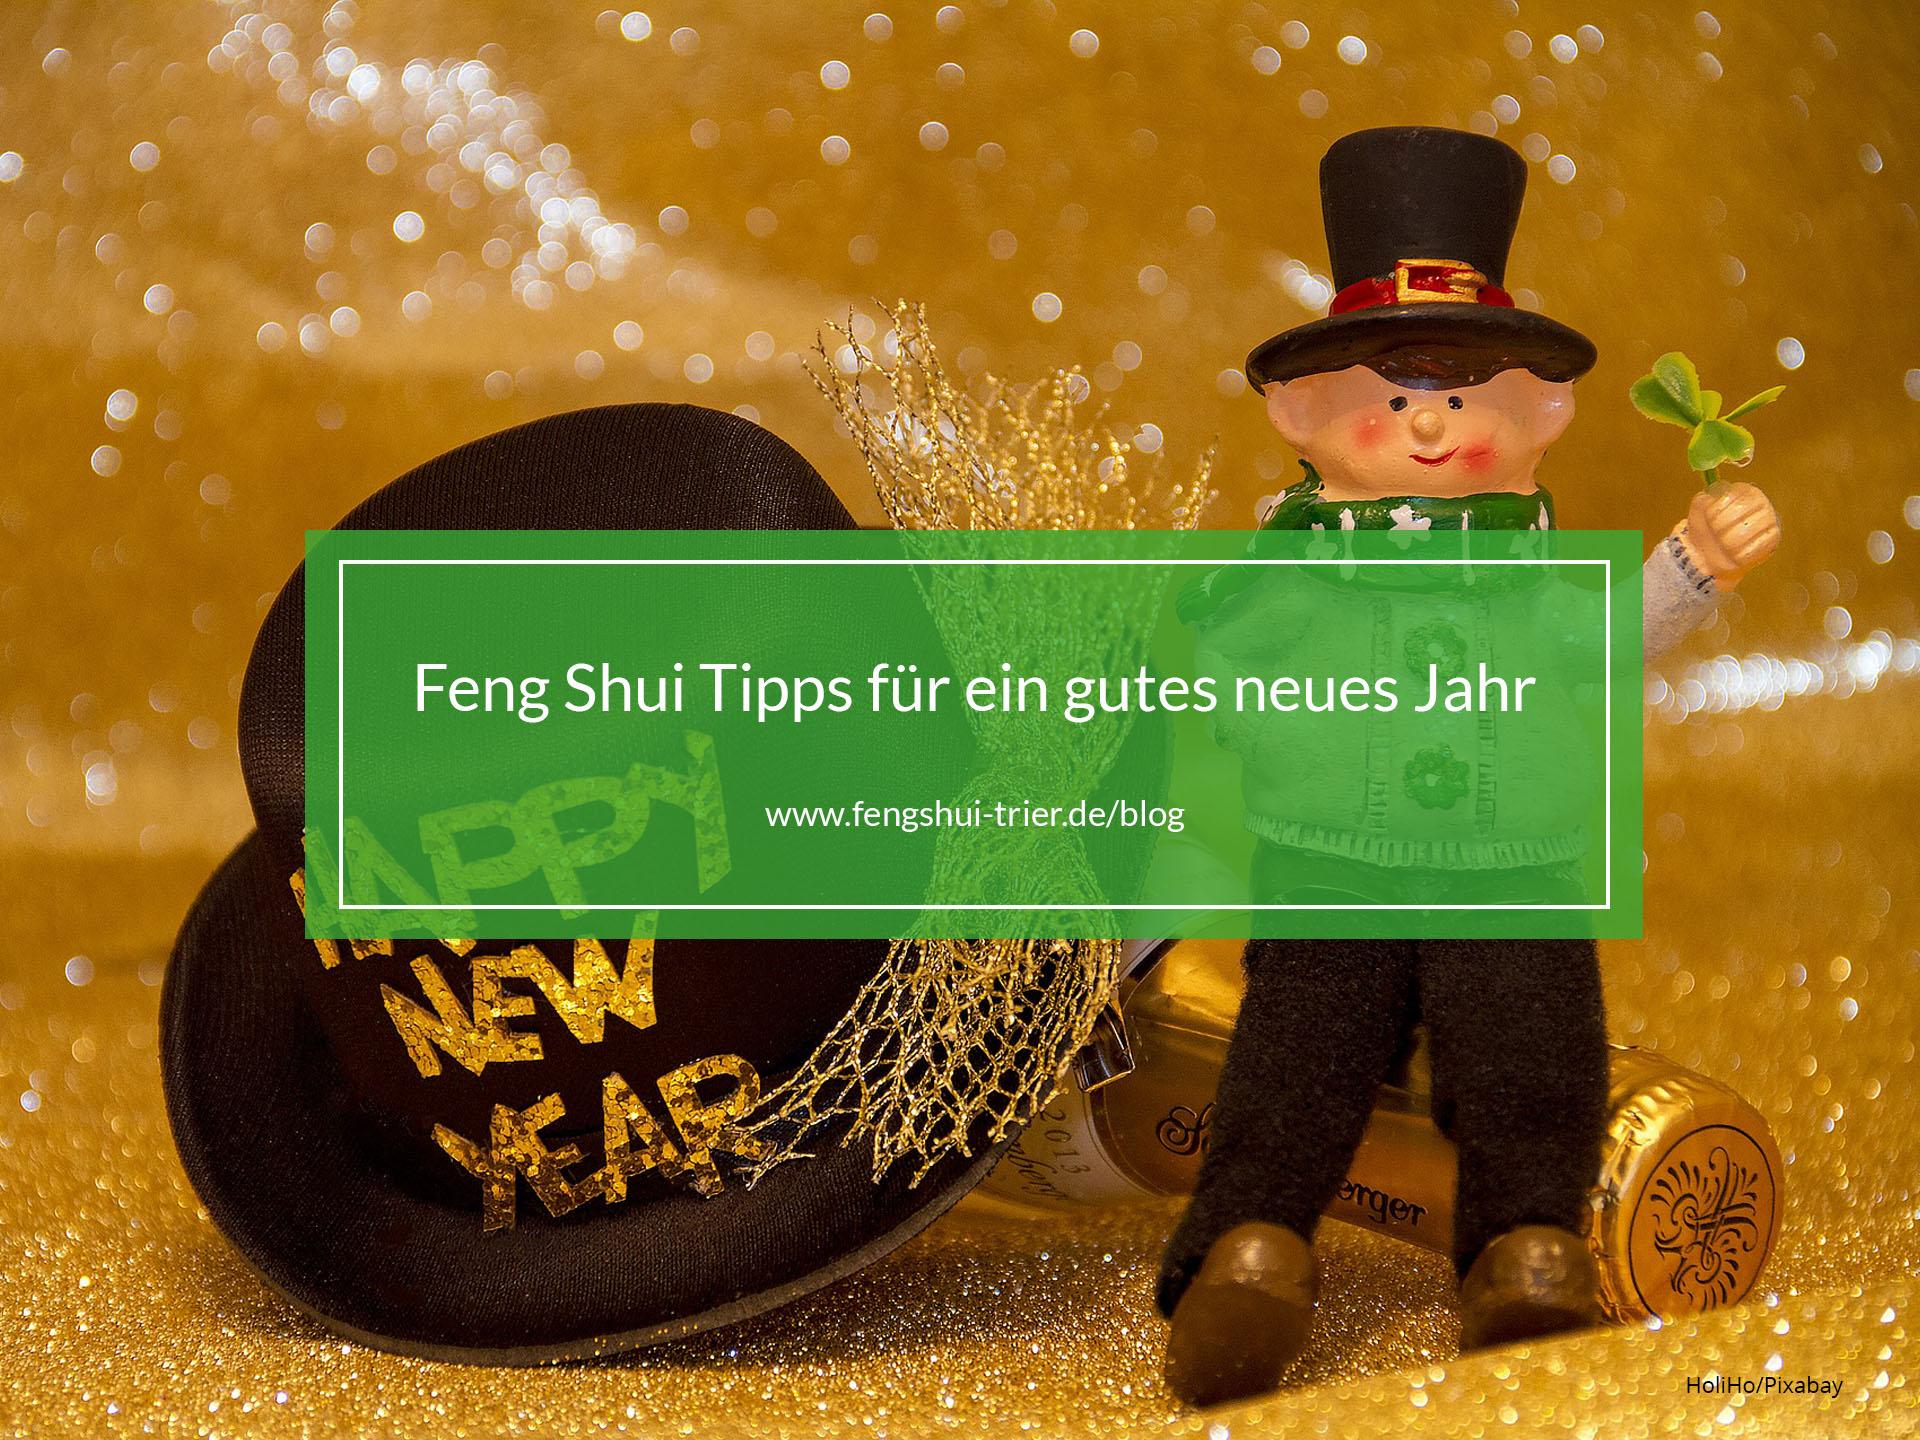 Feng Shui Tipps für ein gutes neues Jahr